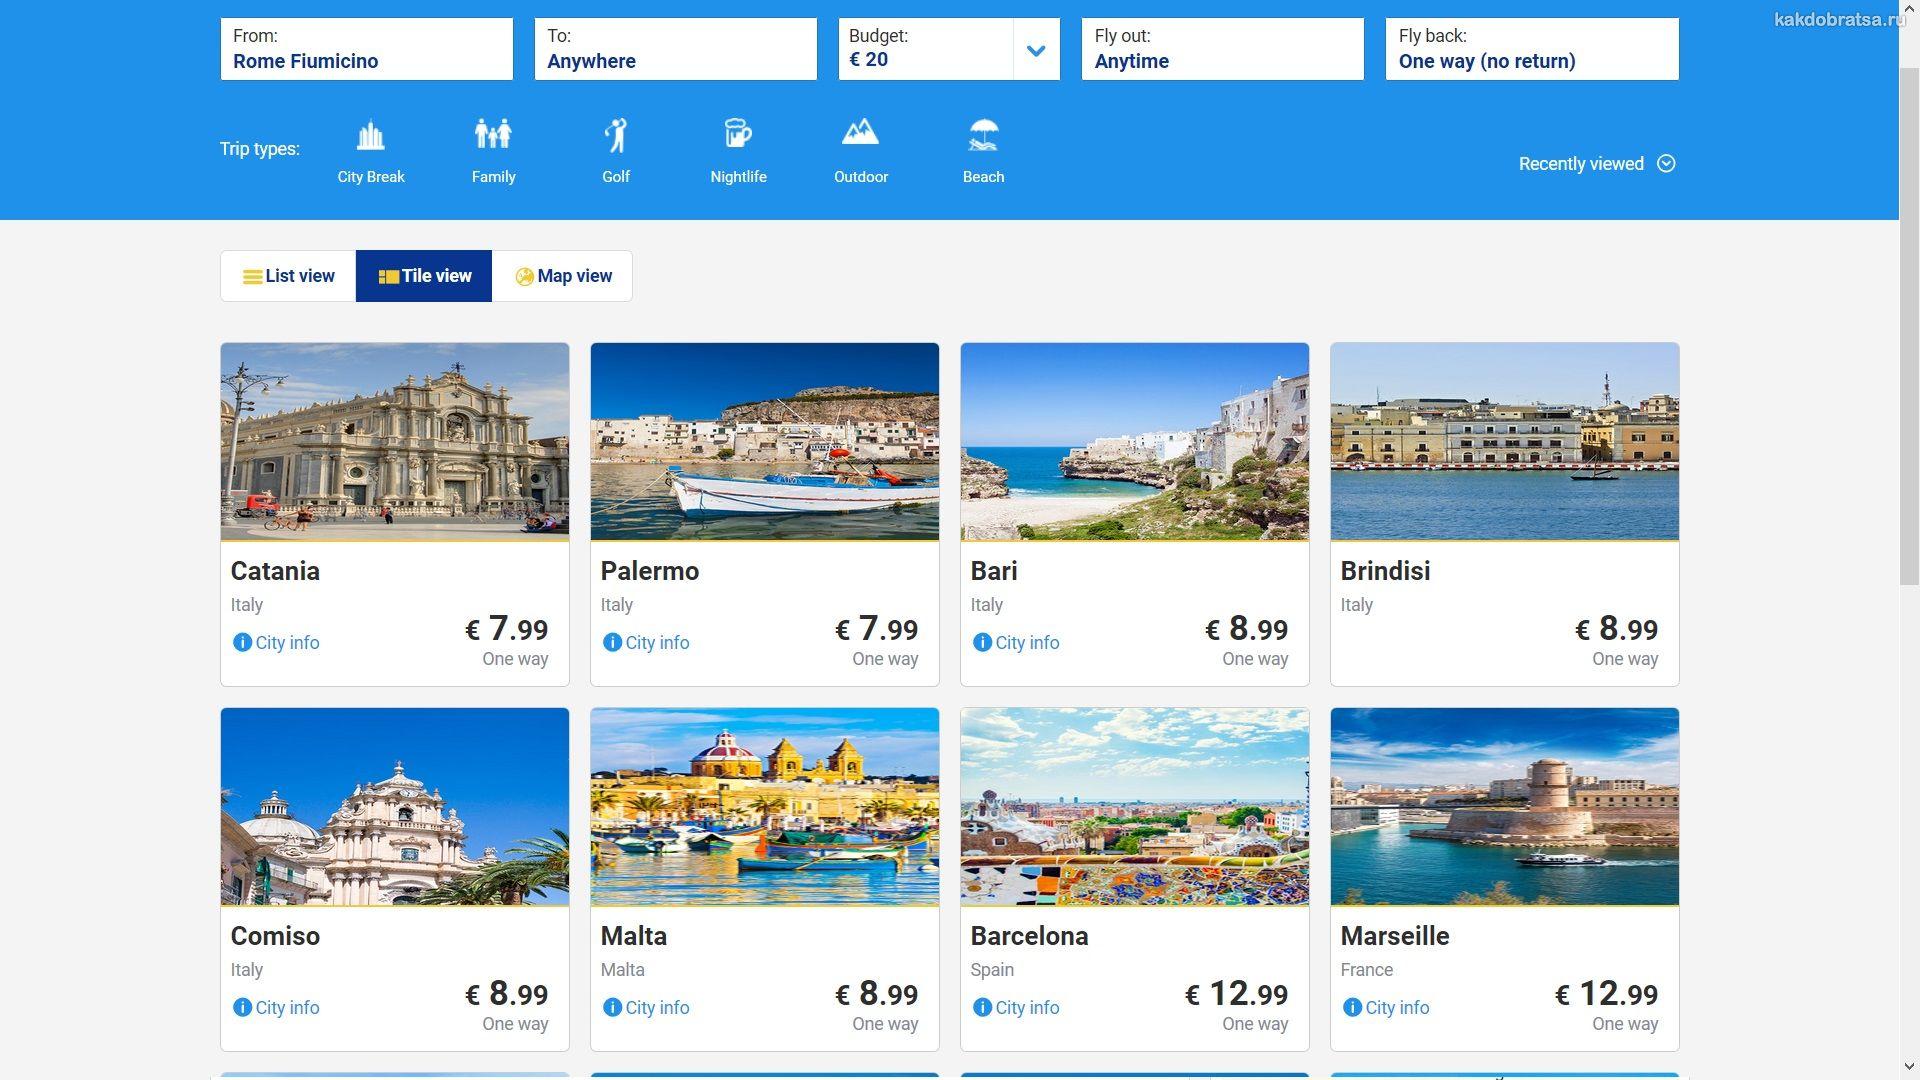 Как найти самые дешевые билеты на сайте Ryanair